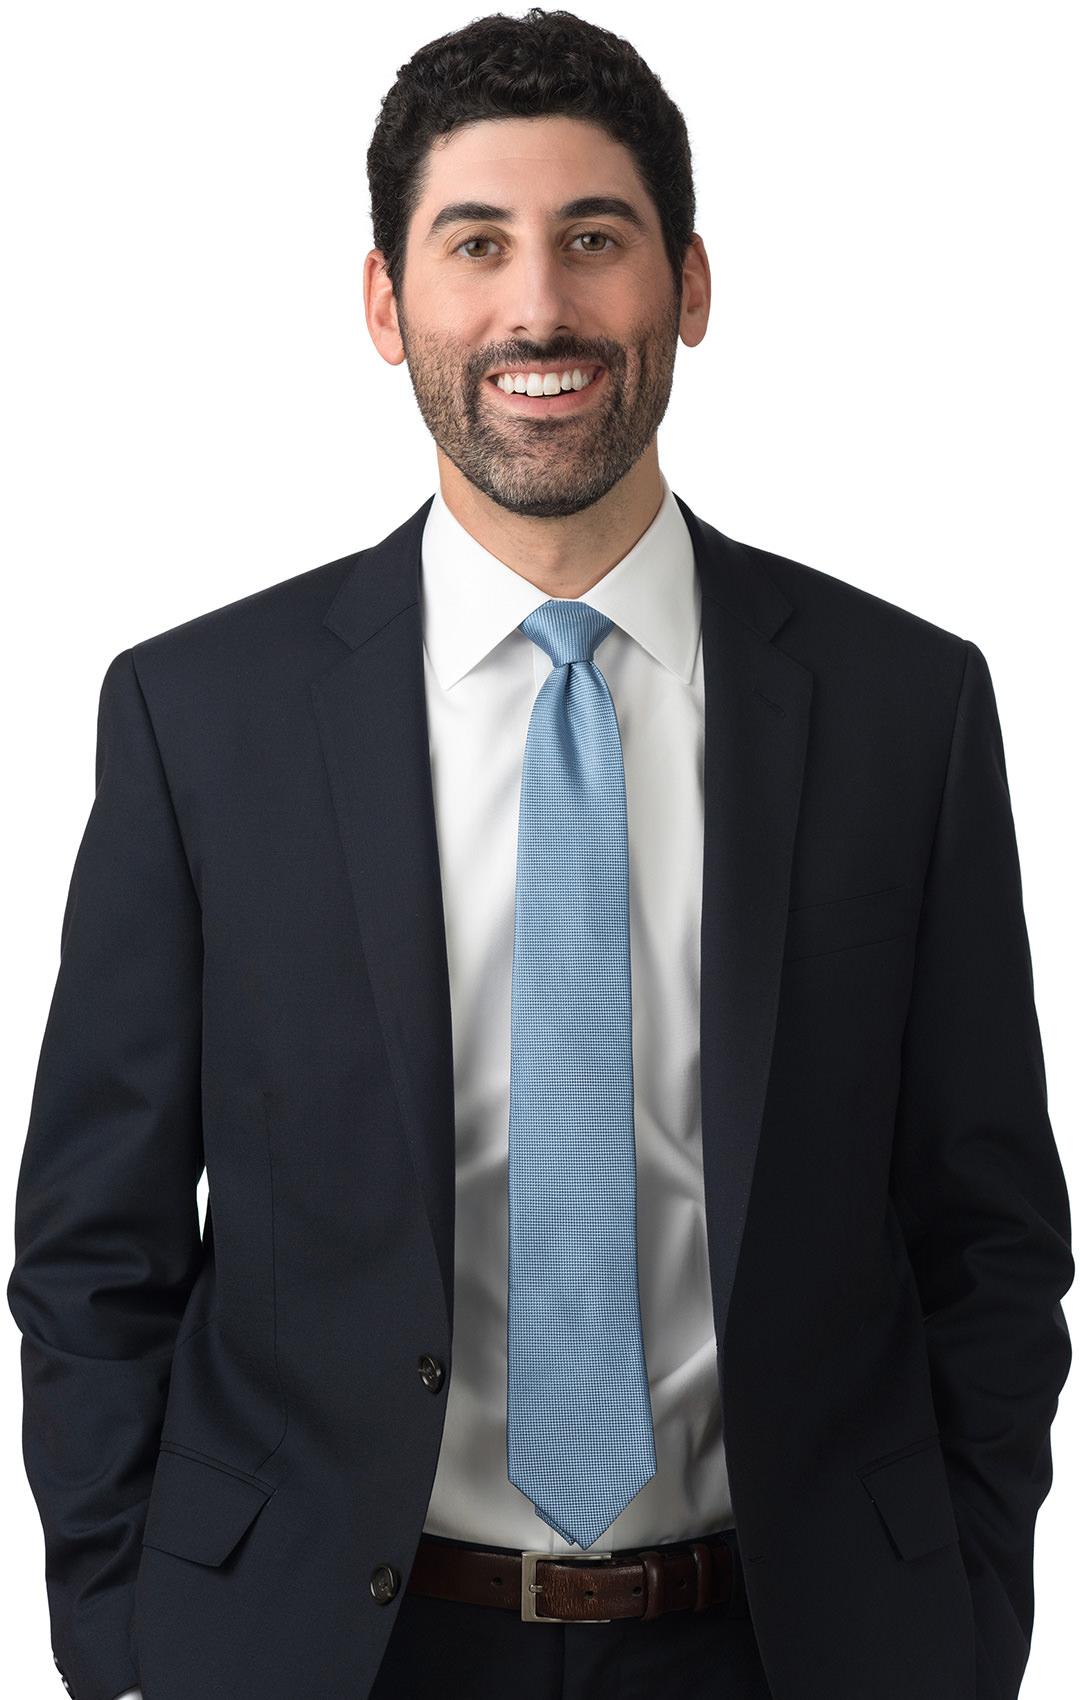 Andrew J. Rosenzweig